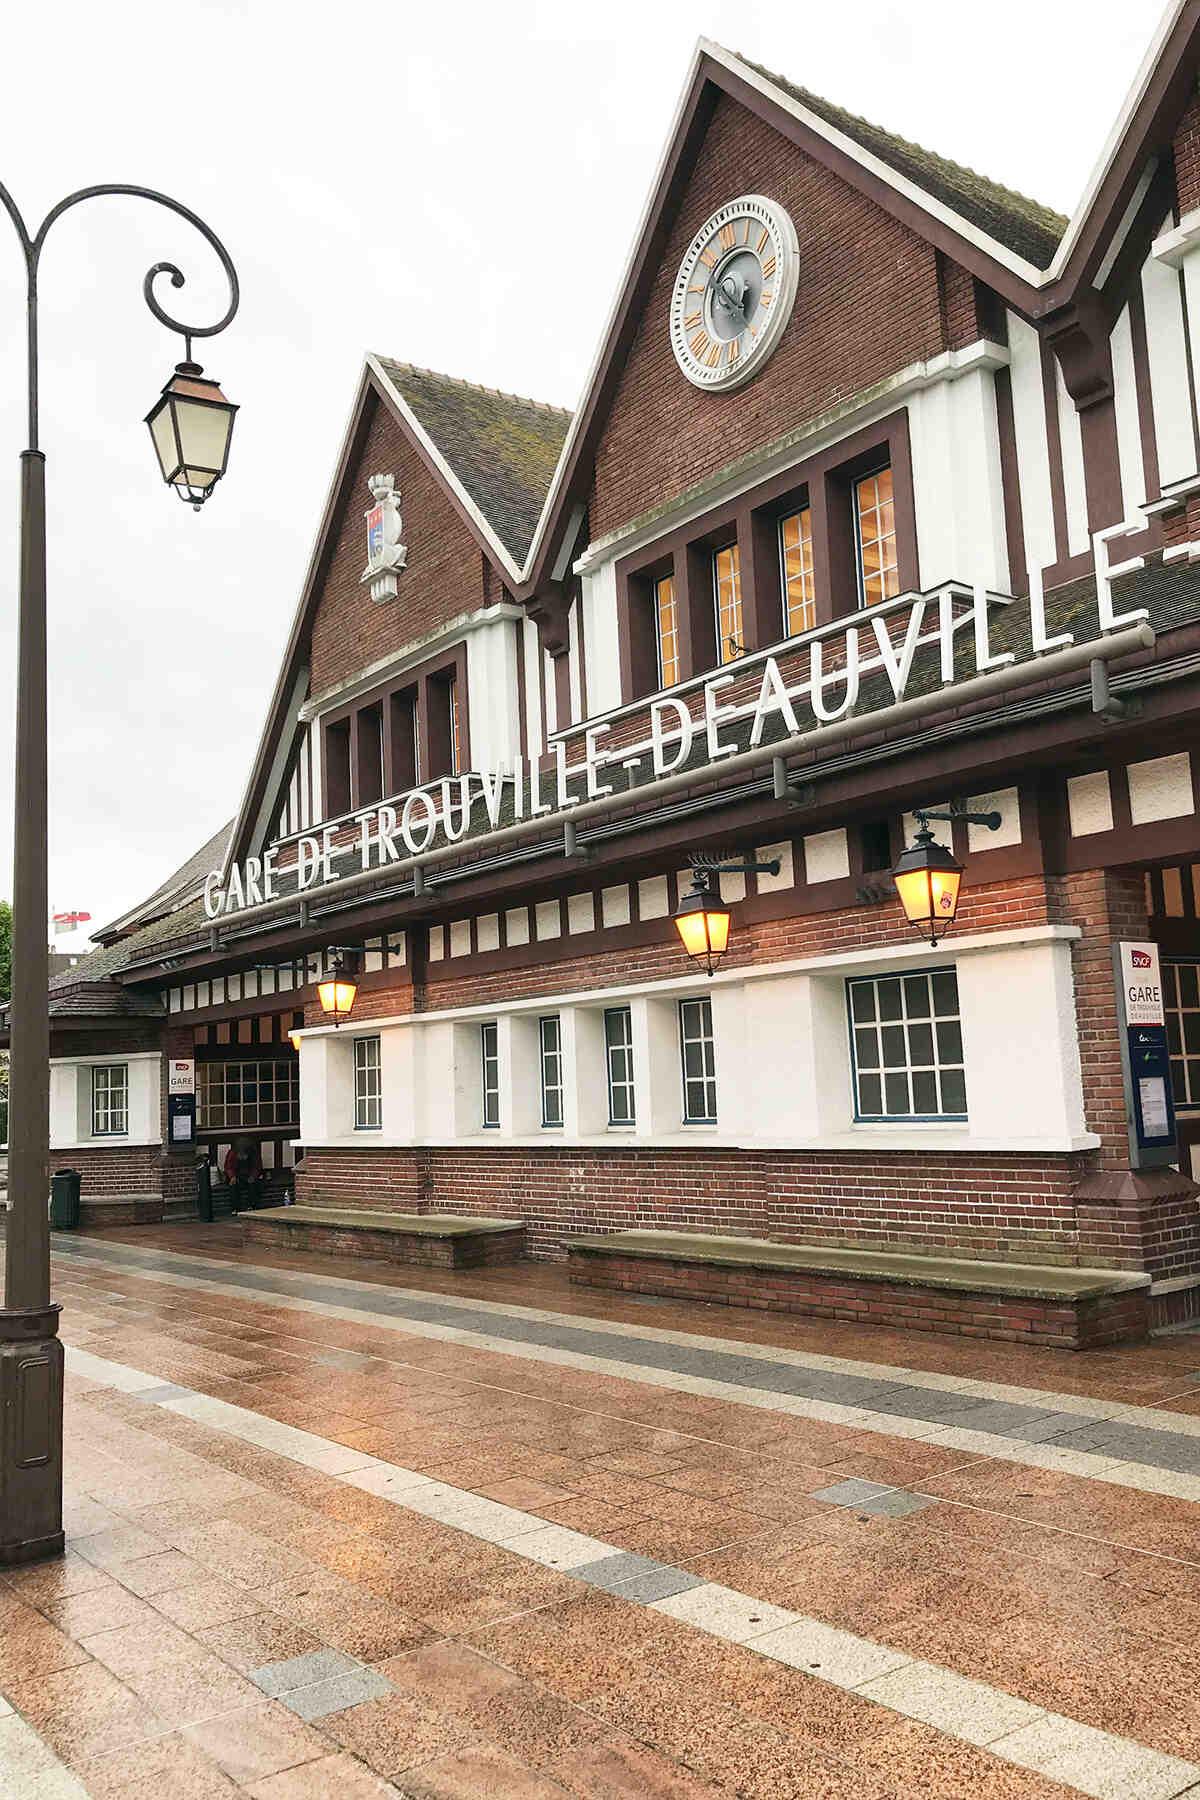 Où manger à Trouville-Deauville?